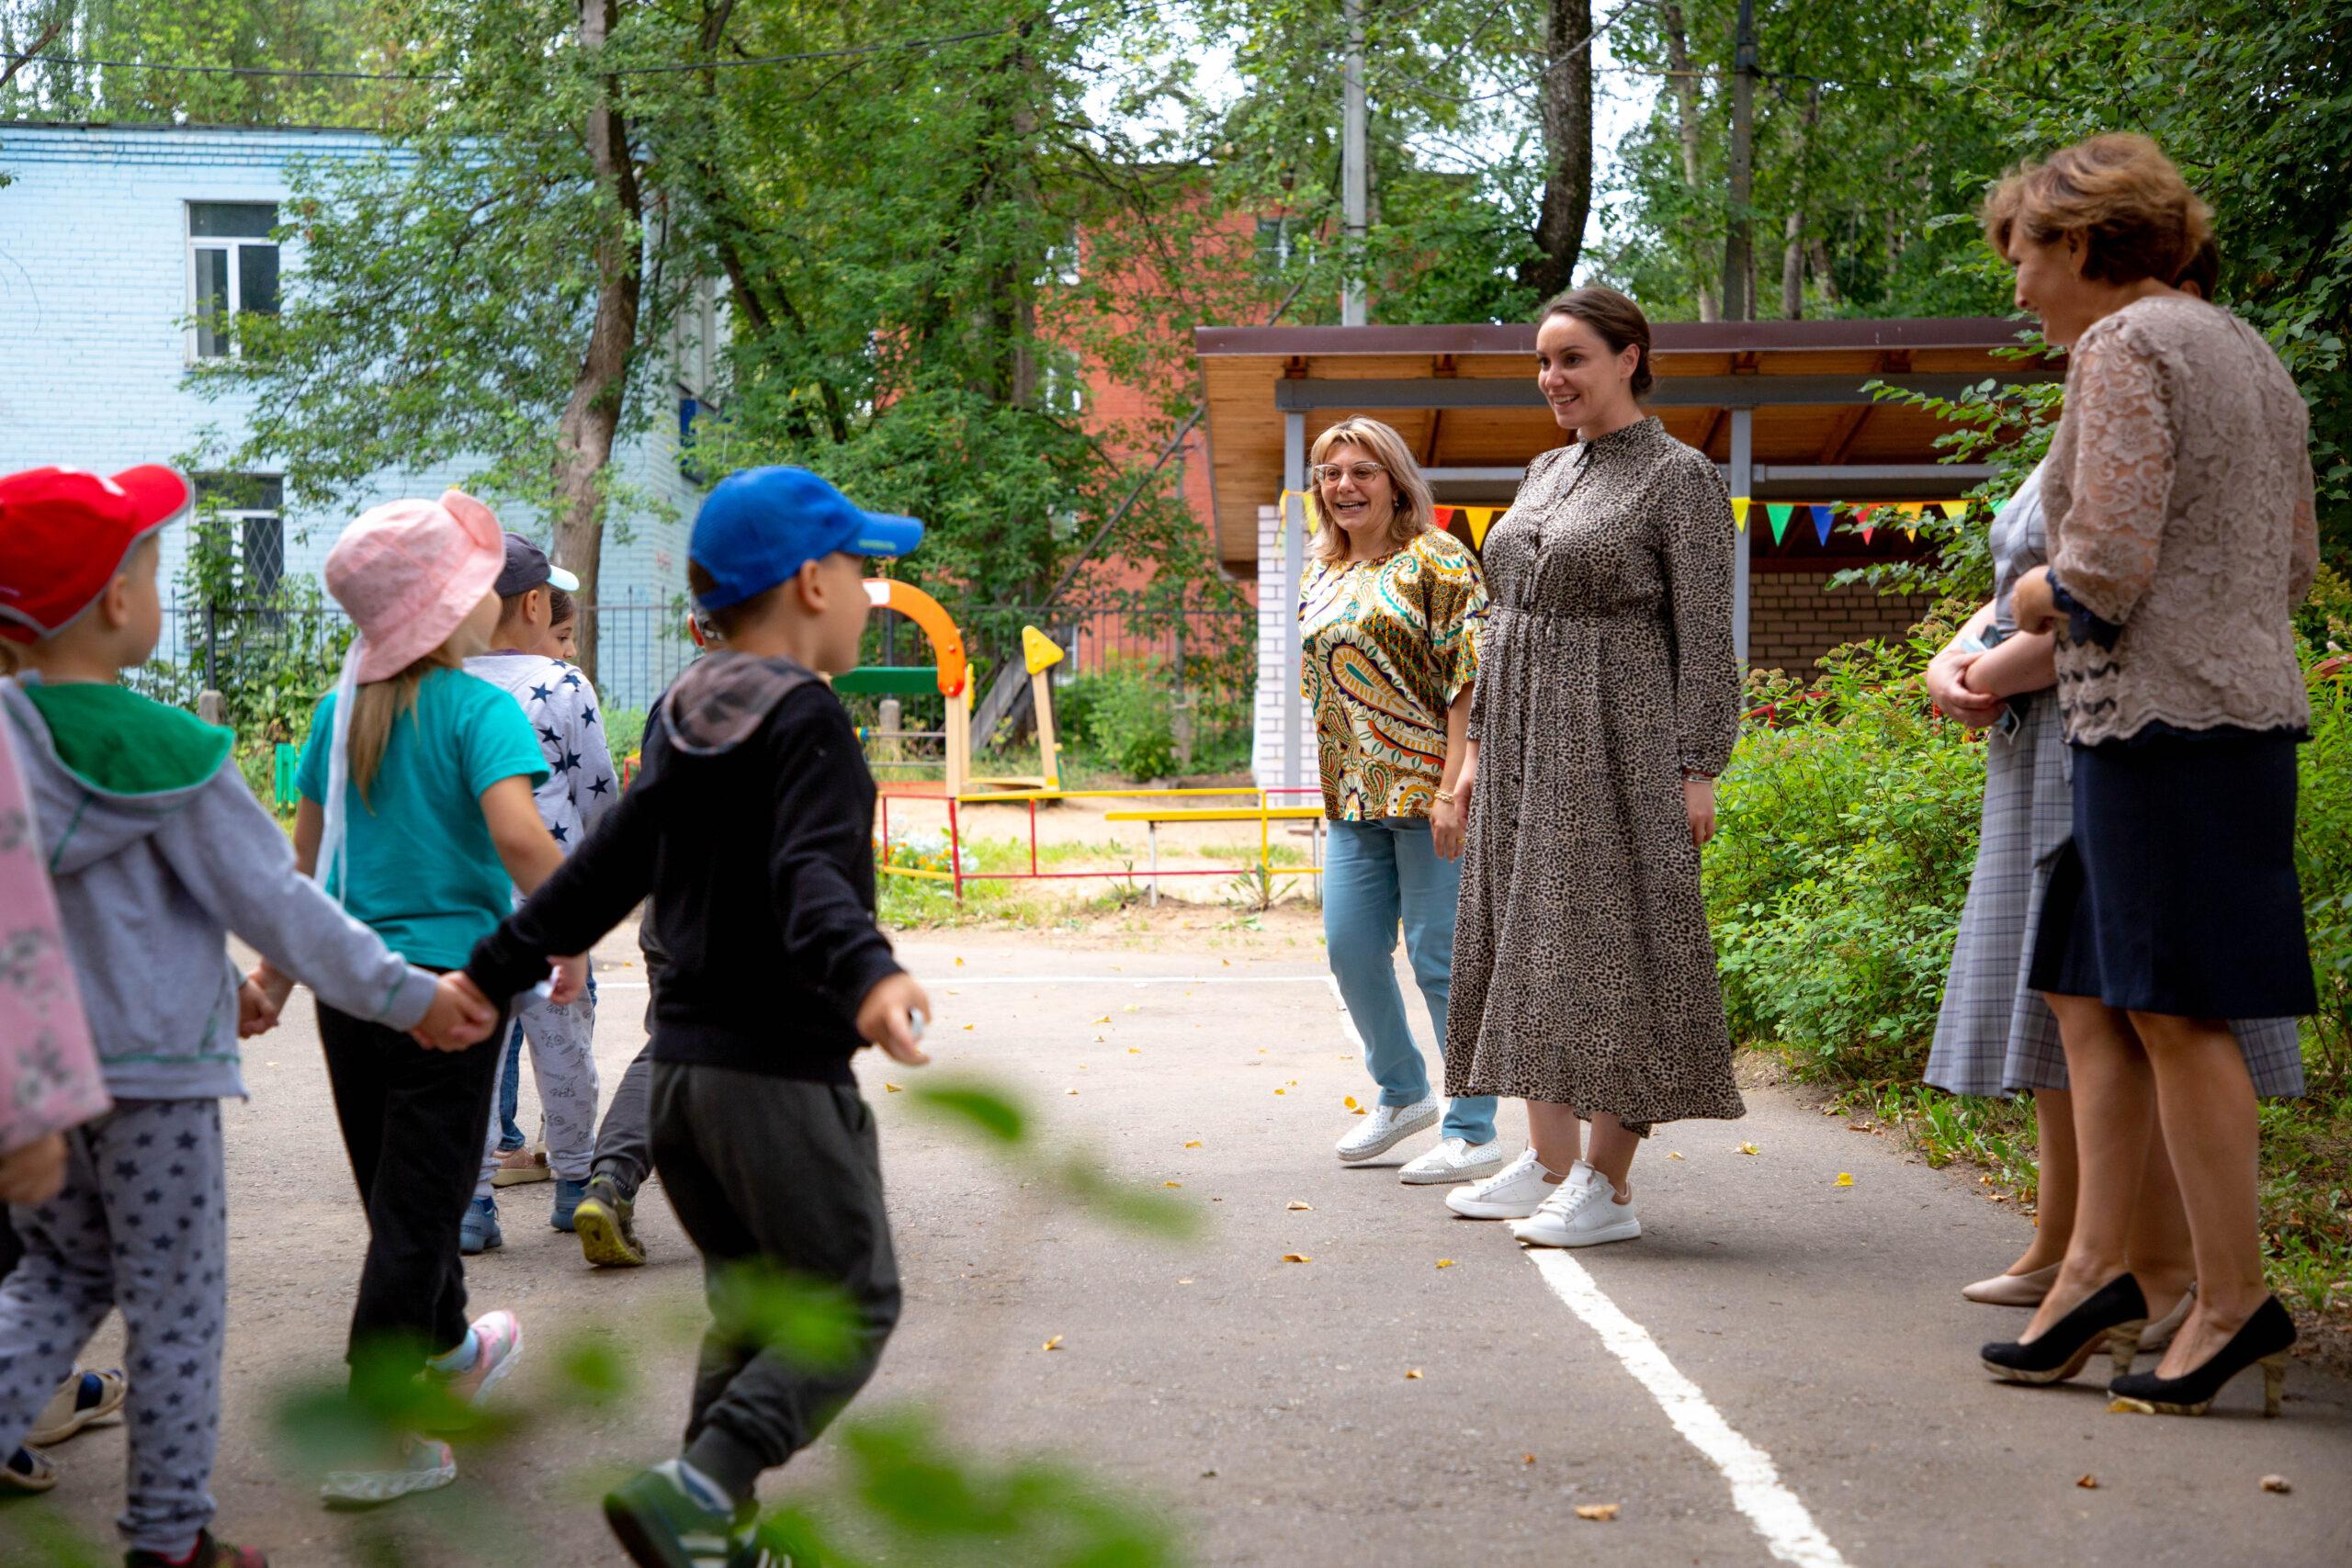 Безопасный город для детей: Юлия Саранова привлекла волонтеров к приведению в порядок детской инфраструктуры